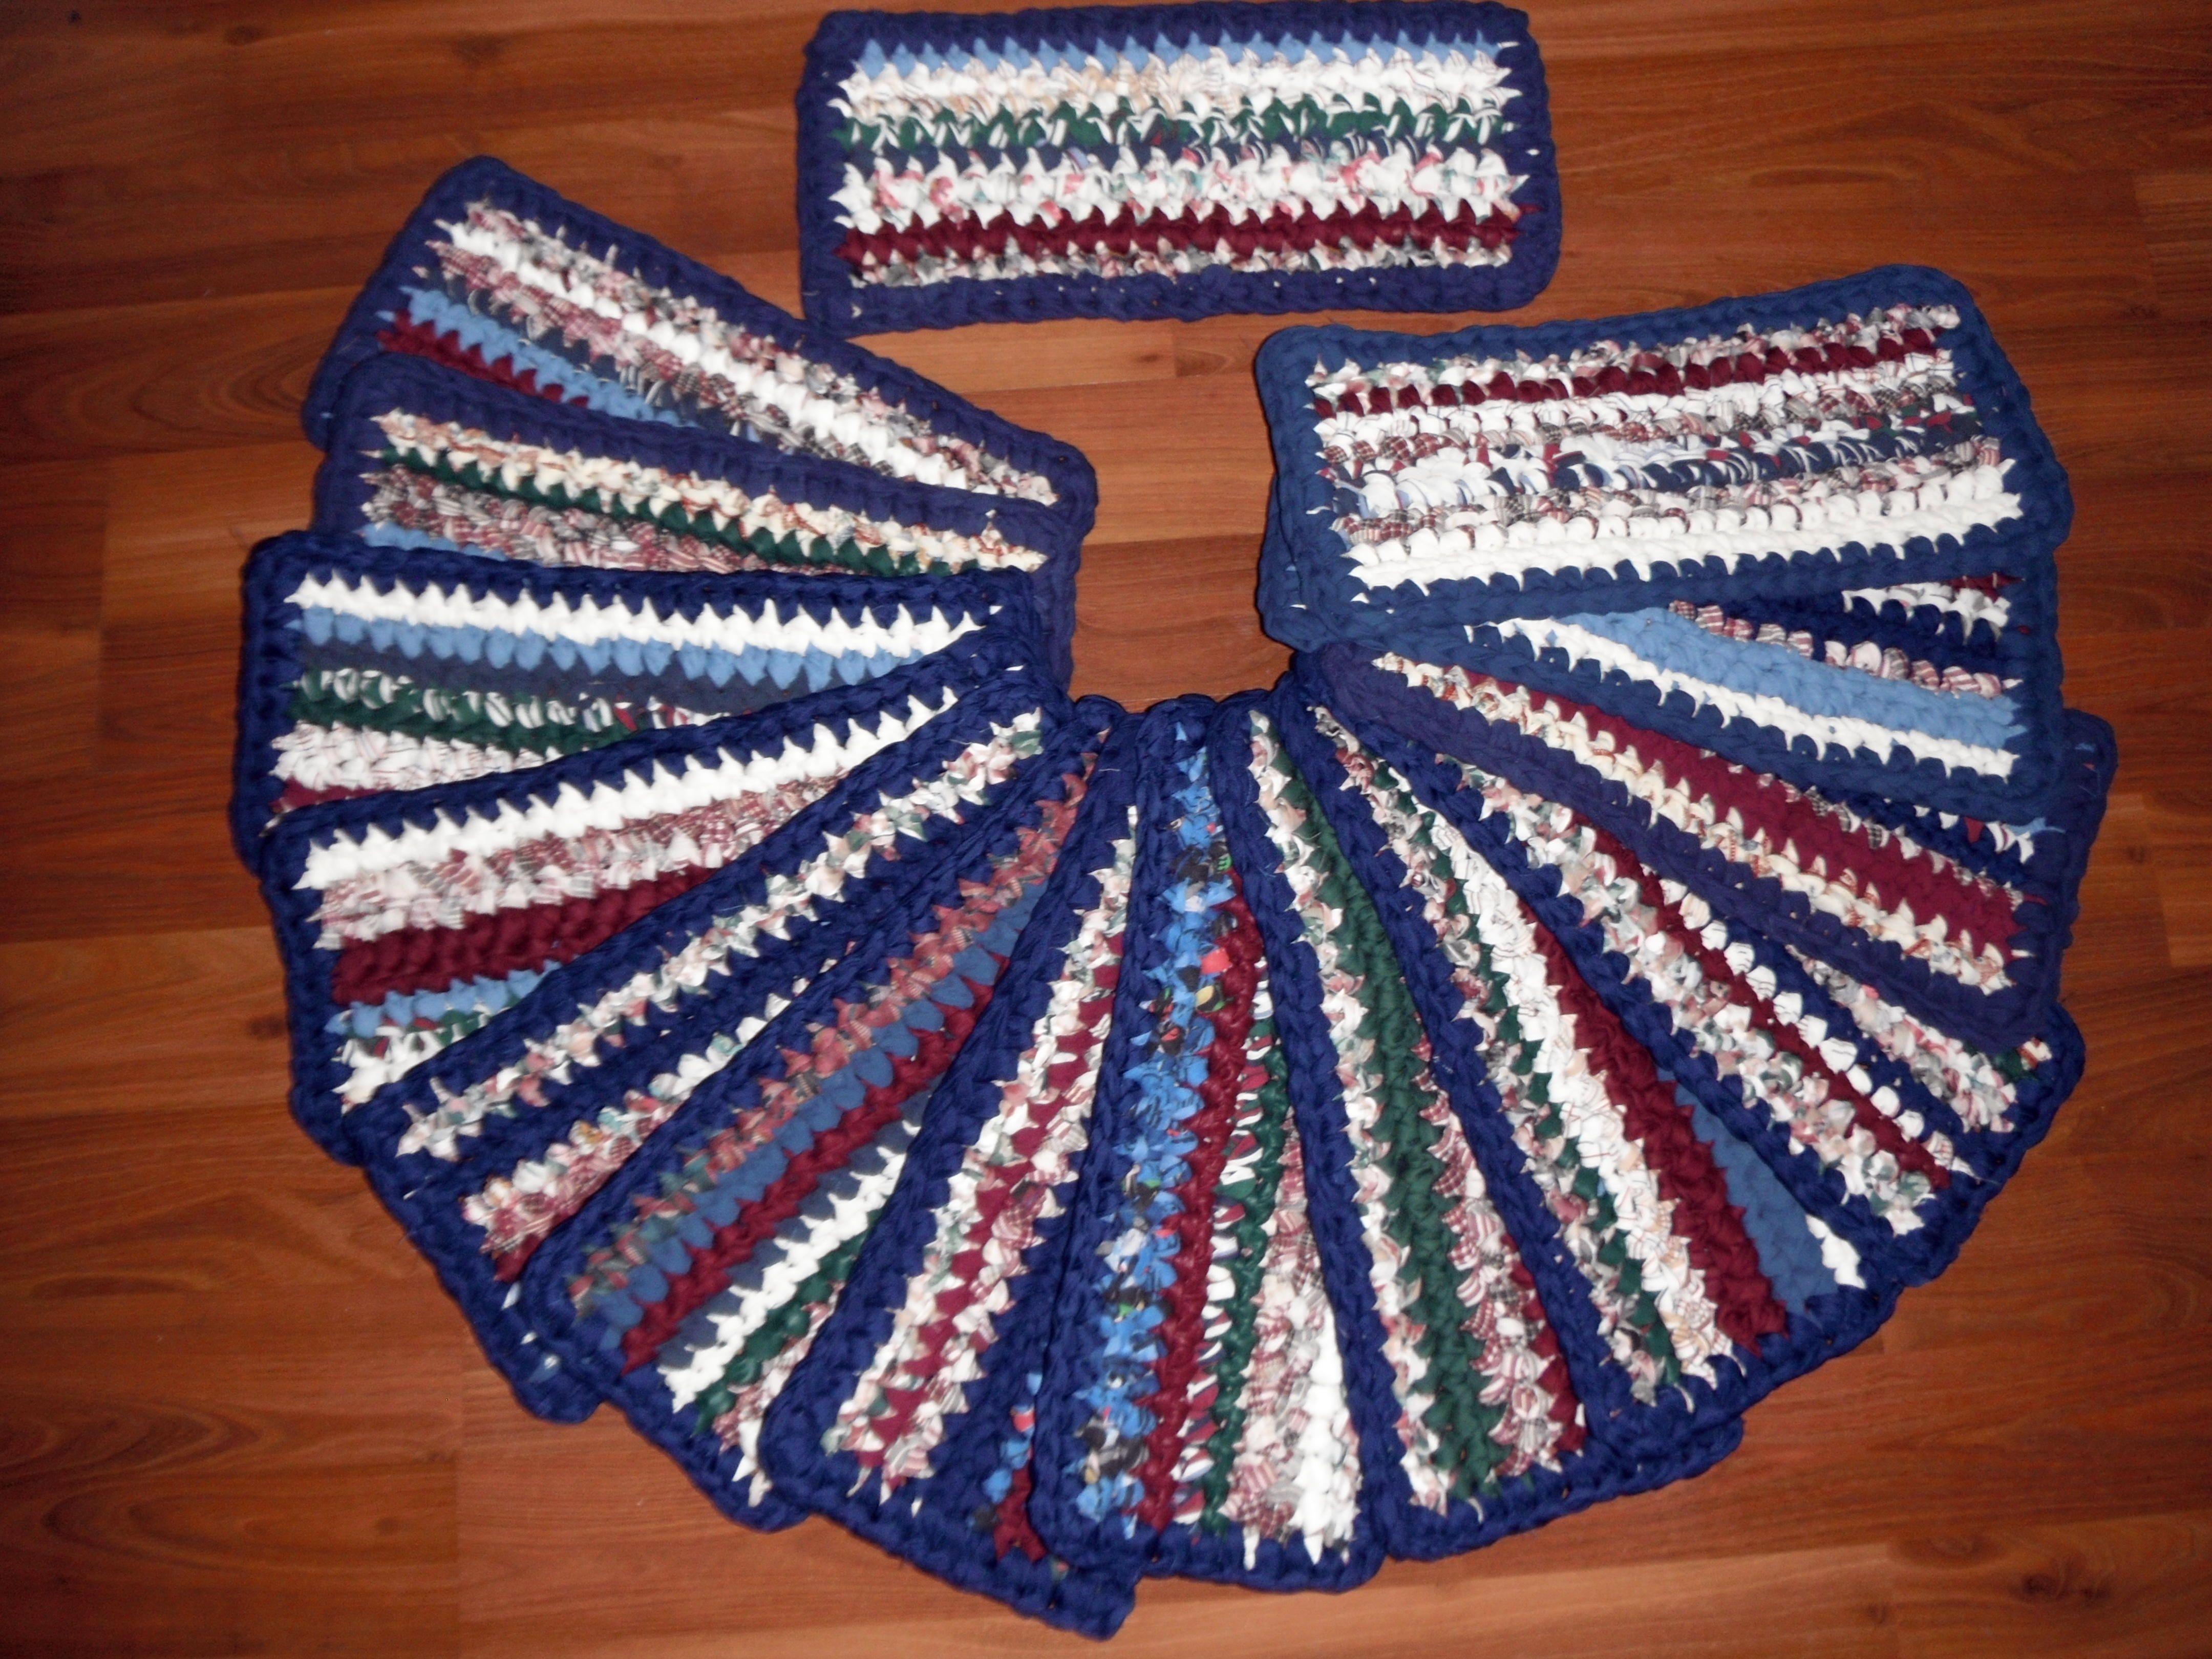 Best Crocheted Rag Stair Tread Rugs Country Rustic Handmade 400 x 300